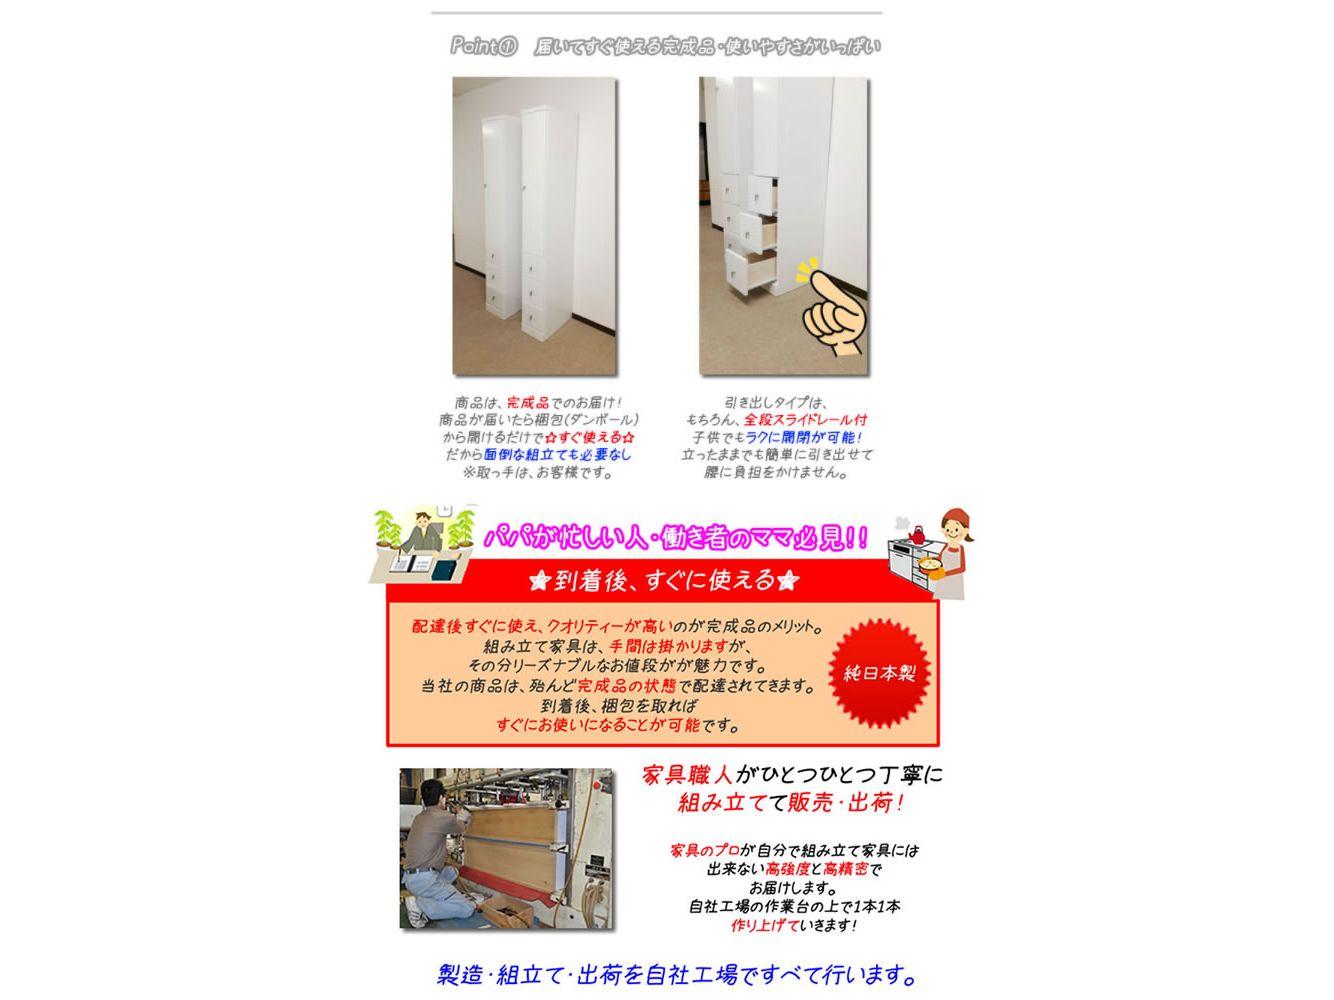 すき間収納(奥行40cm)収納棚 20cm幅から2.5cm刻み クリアクリーン扉+扉タイプ(9サイズ対応)